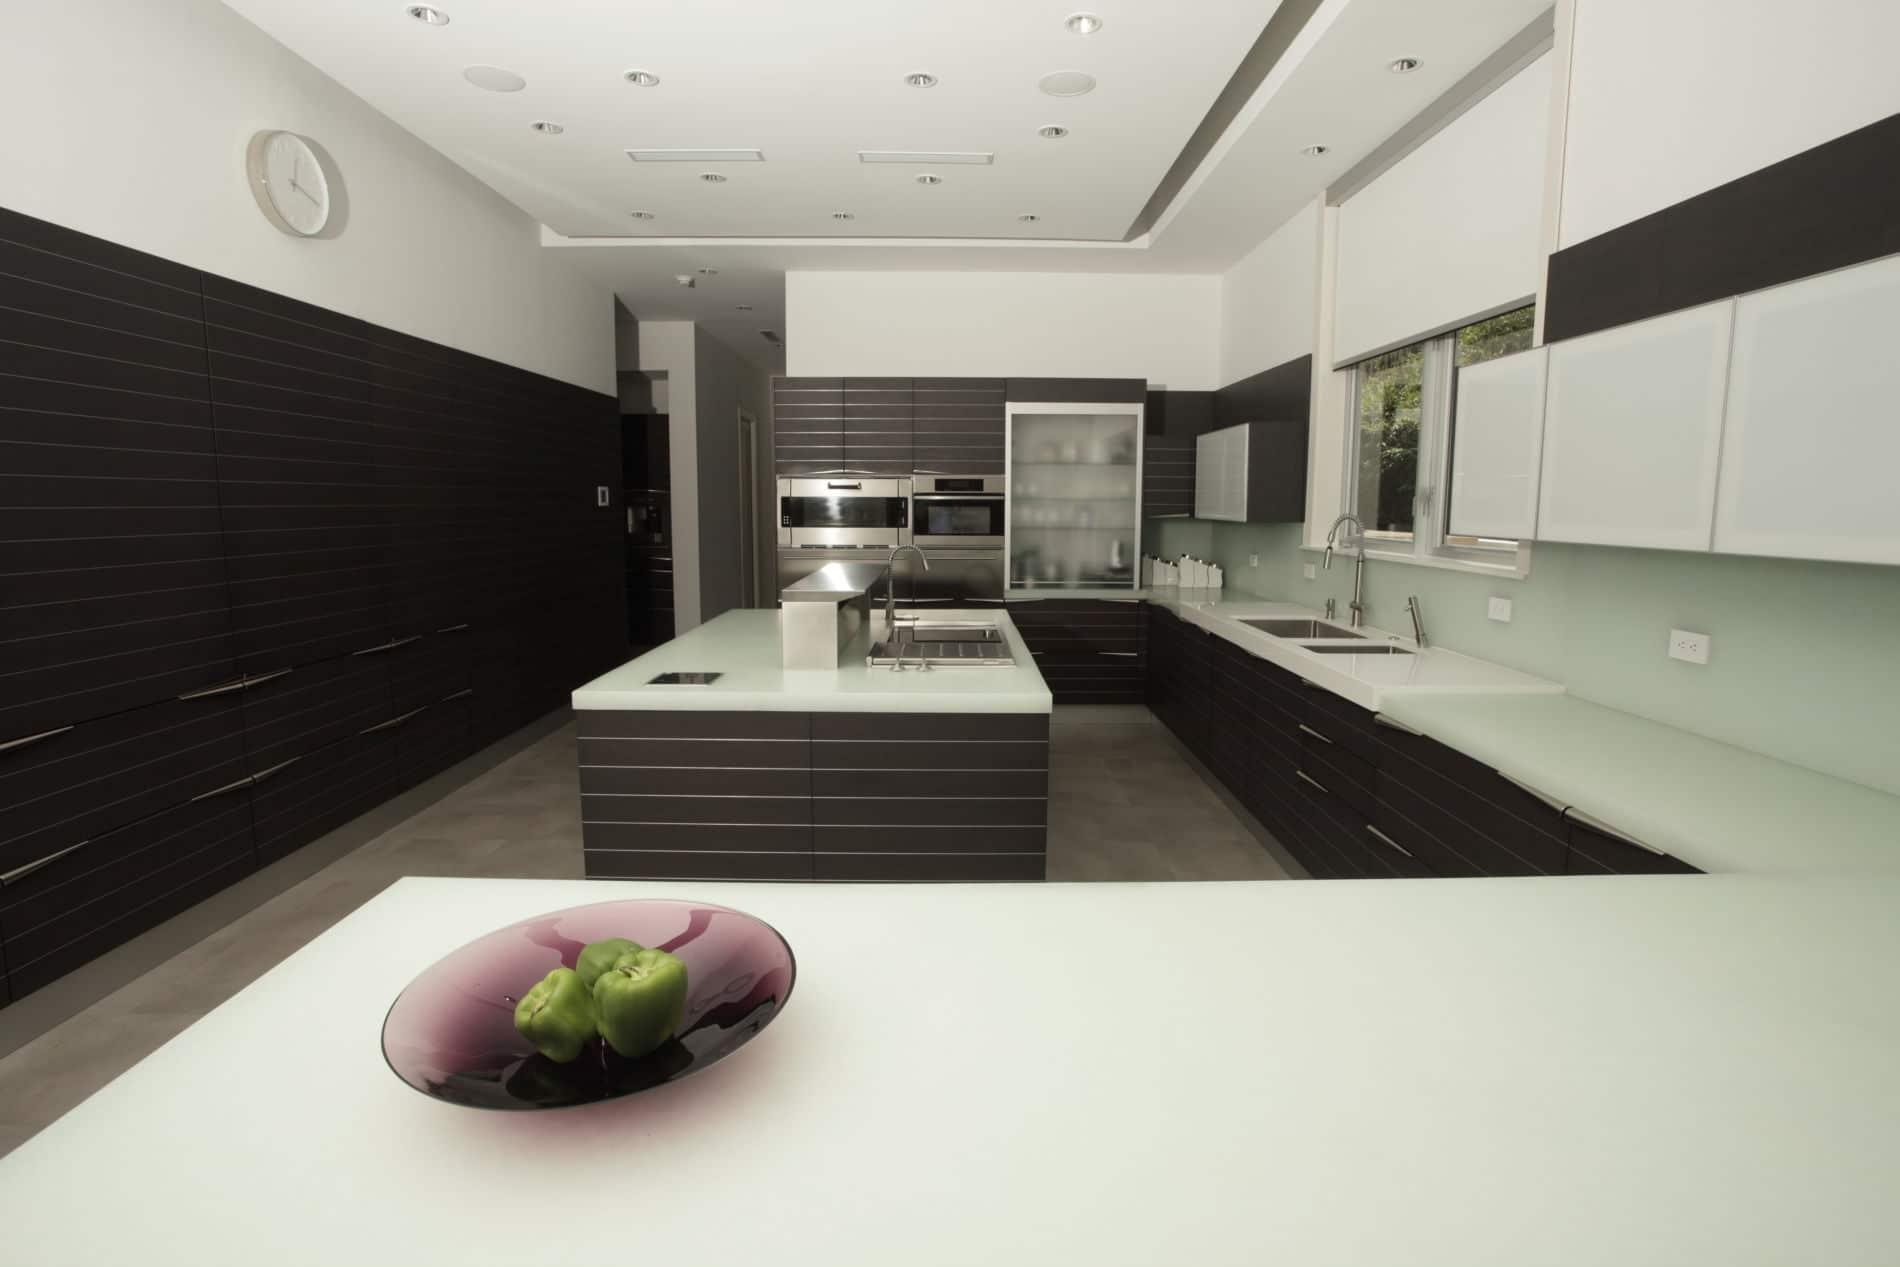 מטבח איכותי עשוי מגרניט